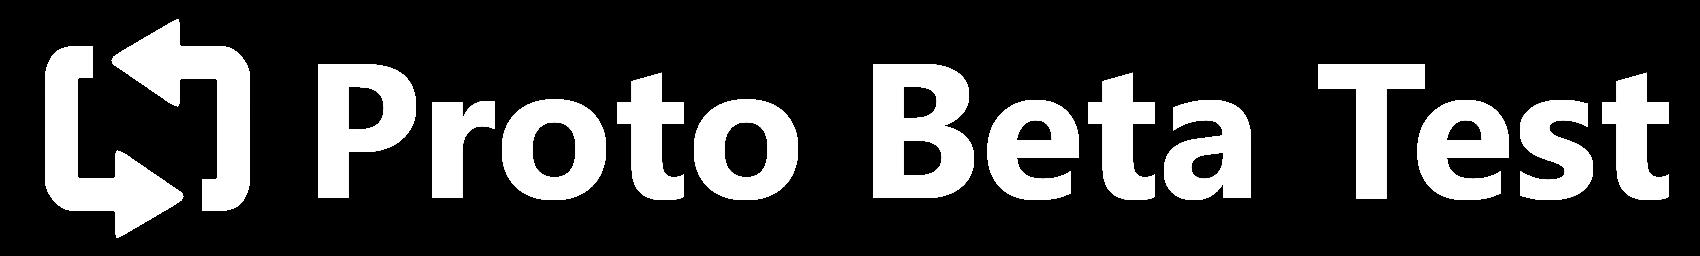 Proto Beta Test